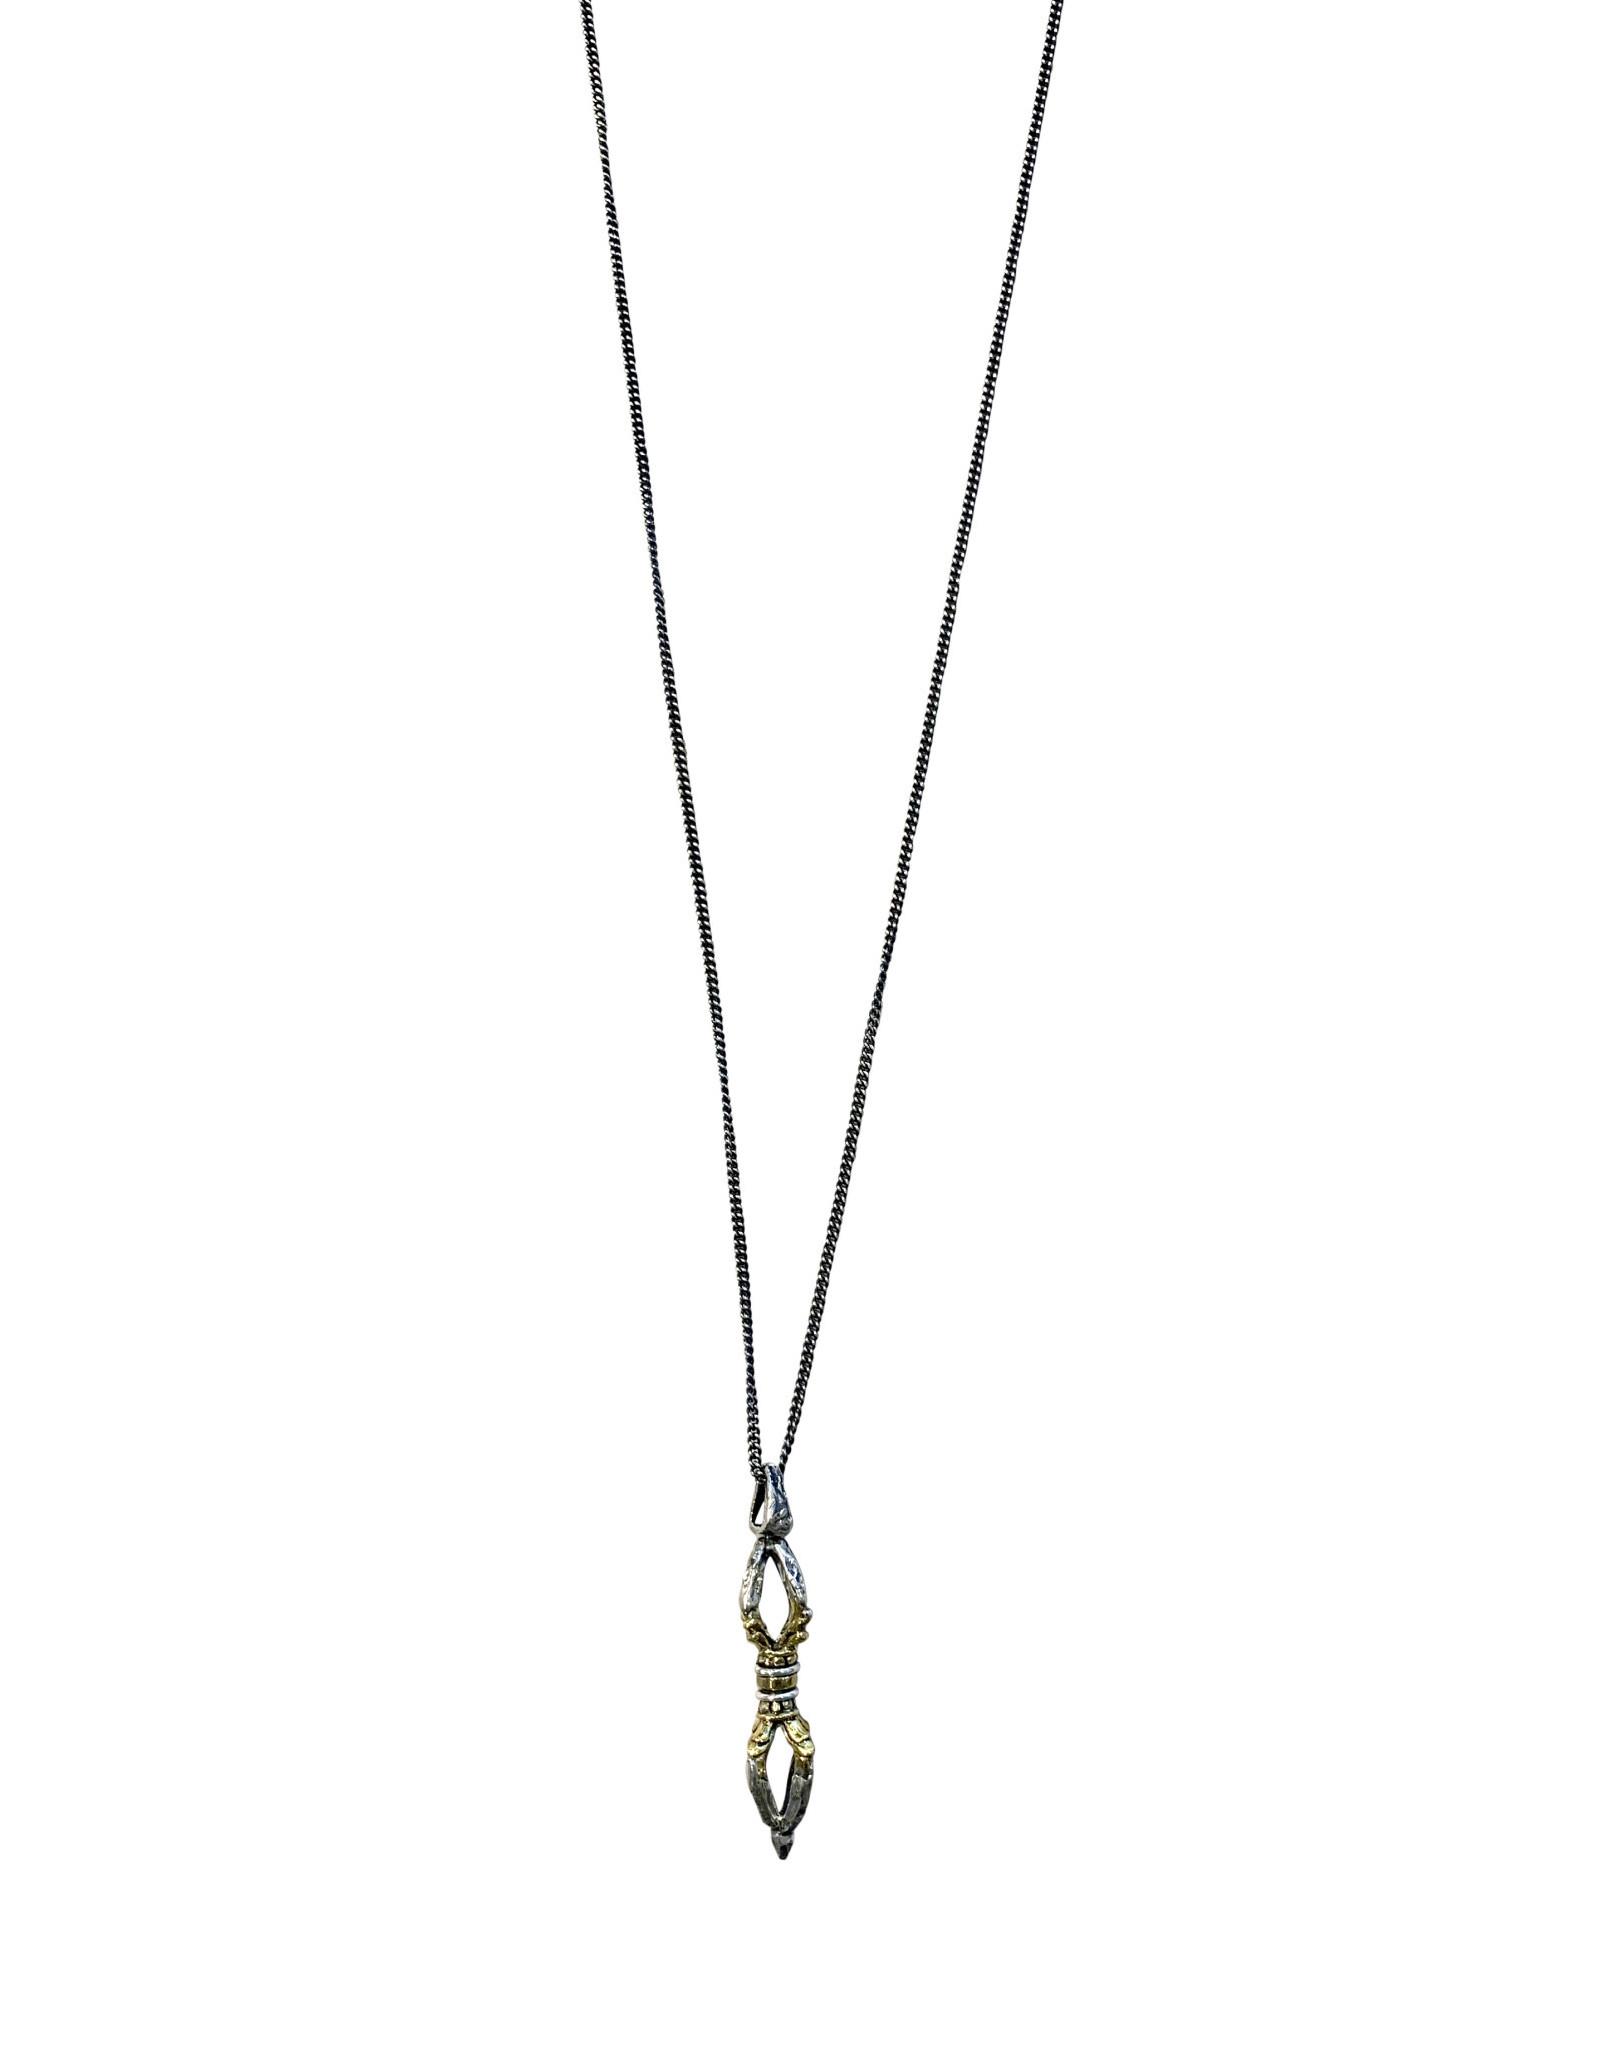 Buck Palmer Vortex Necklace